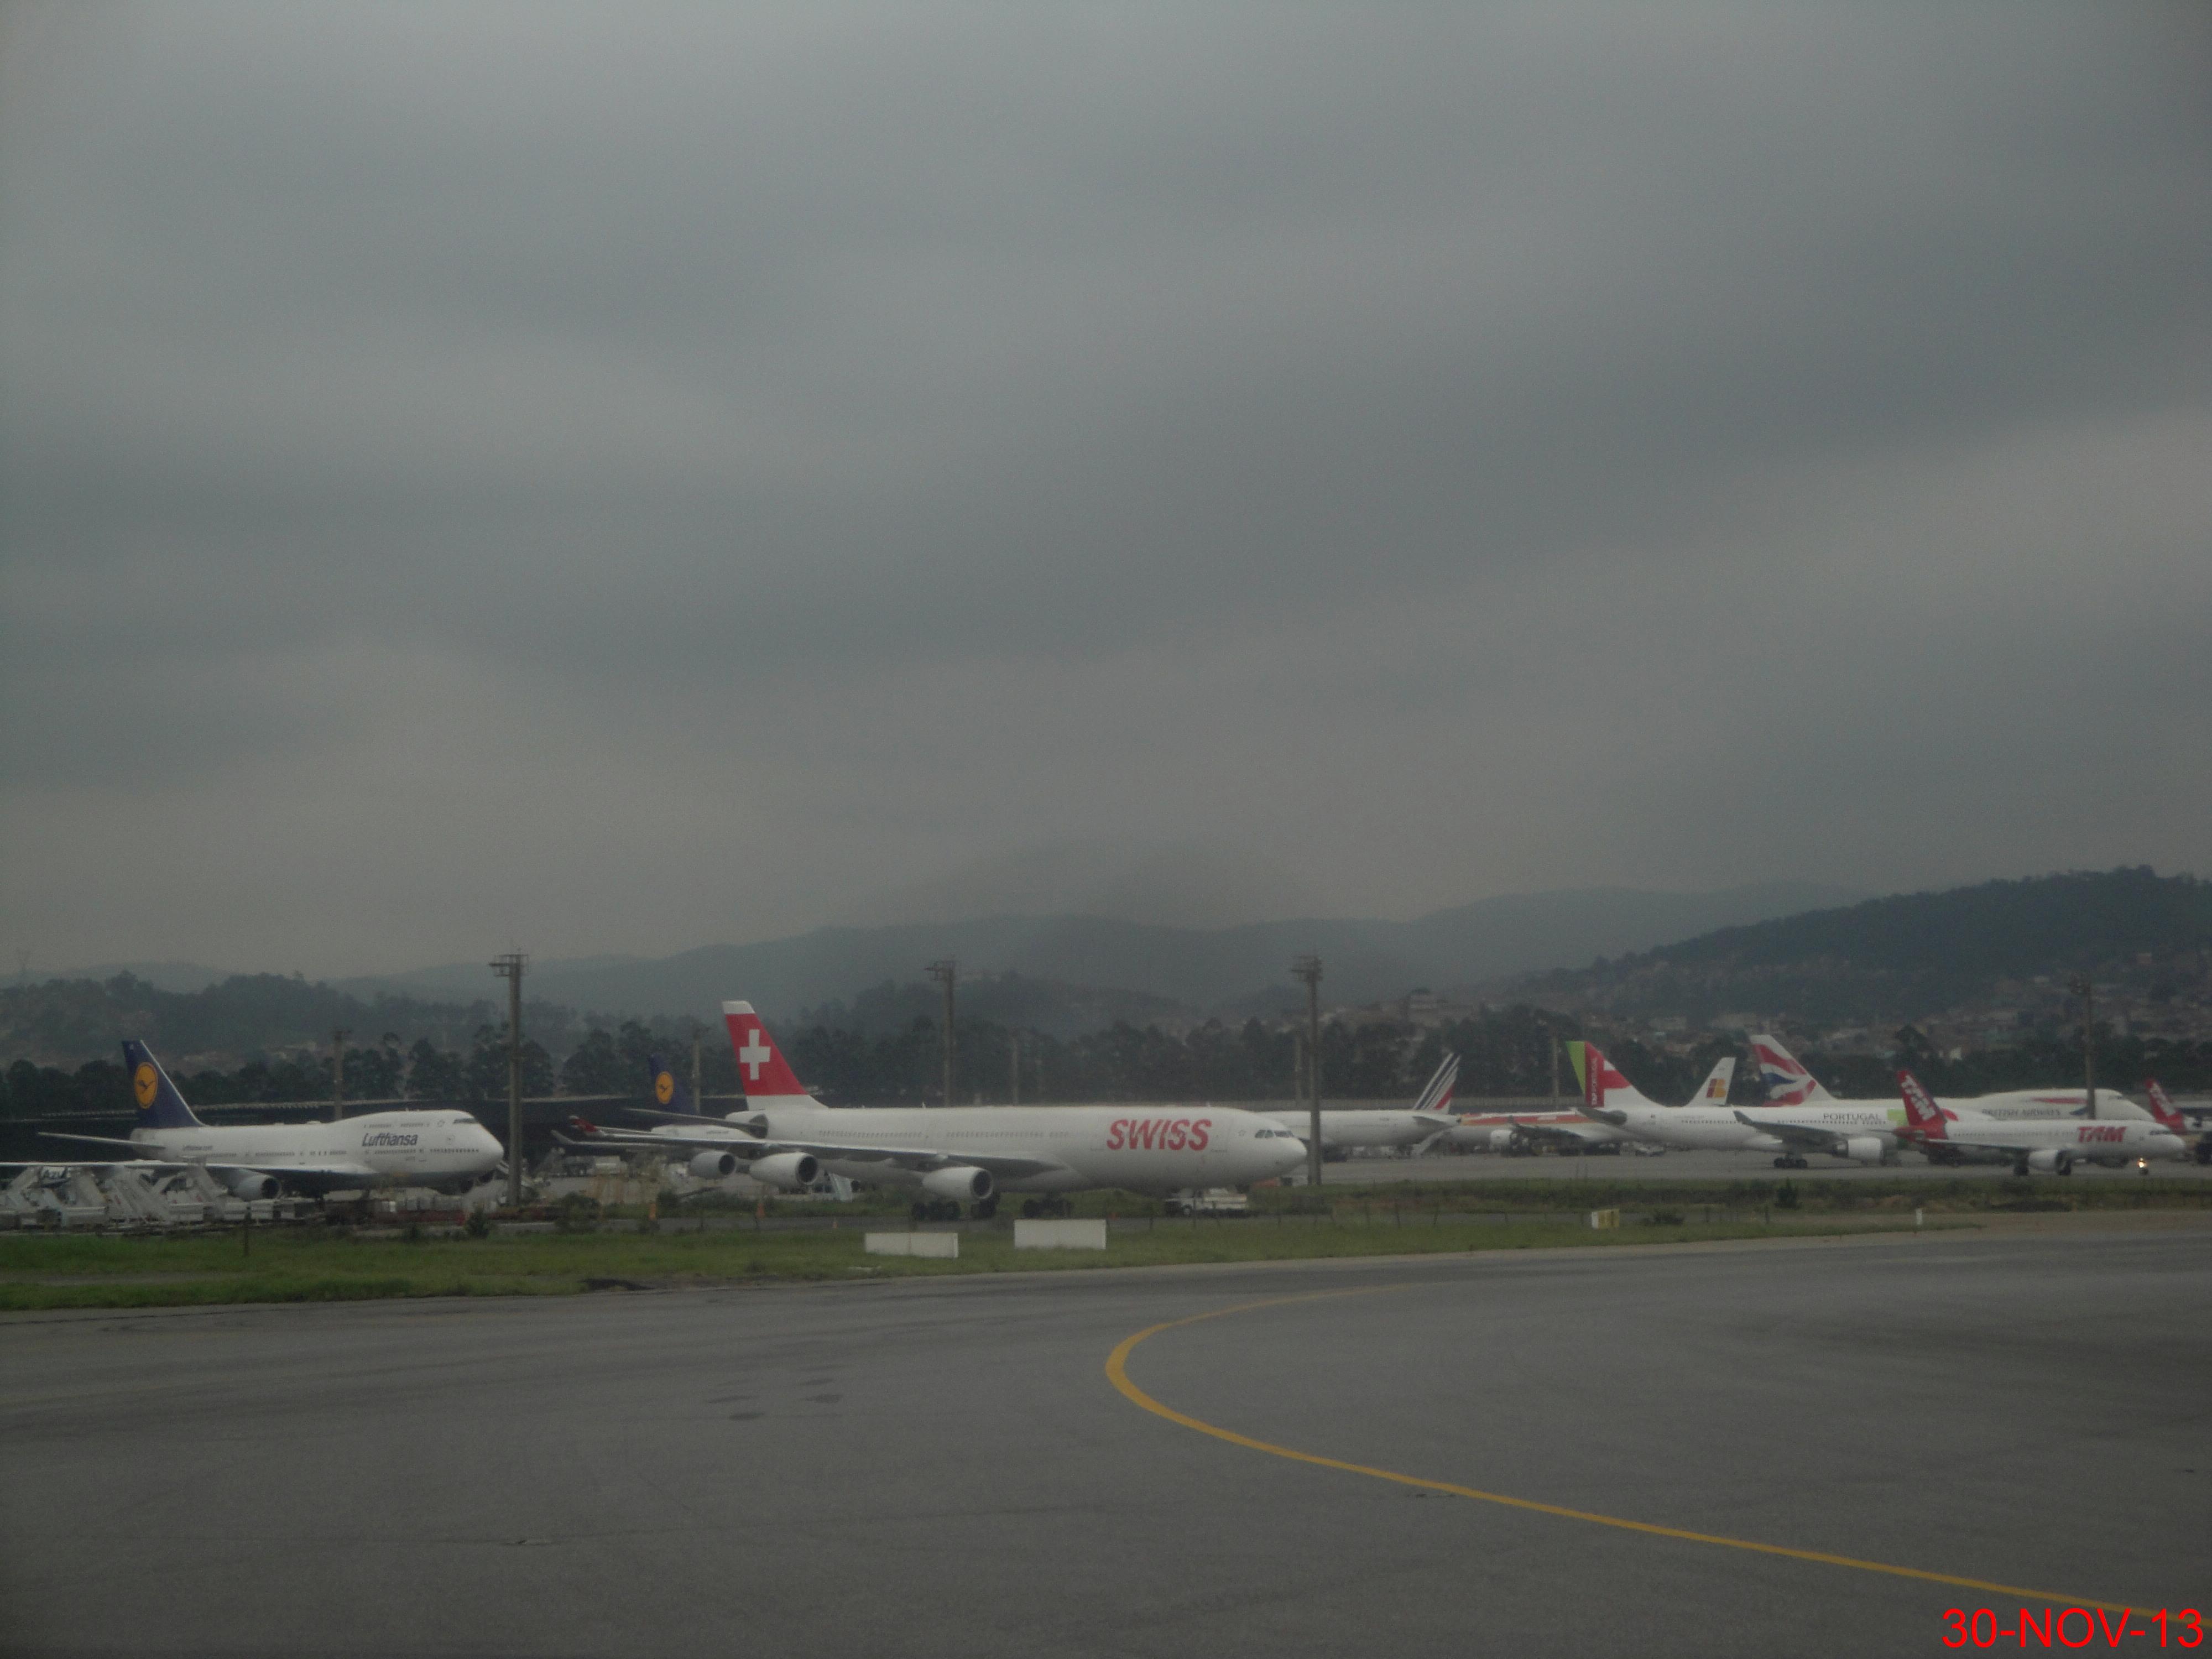 Aeroporto Gru : File aeroporto internacional de são paulo guarulhos sbgr gru e